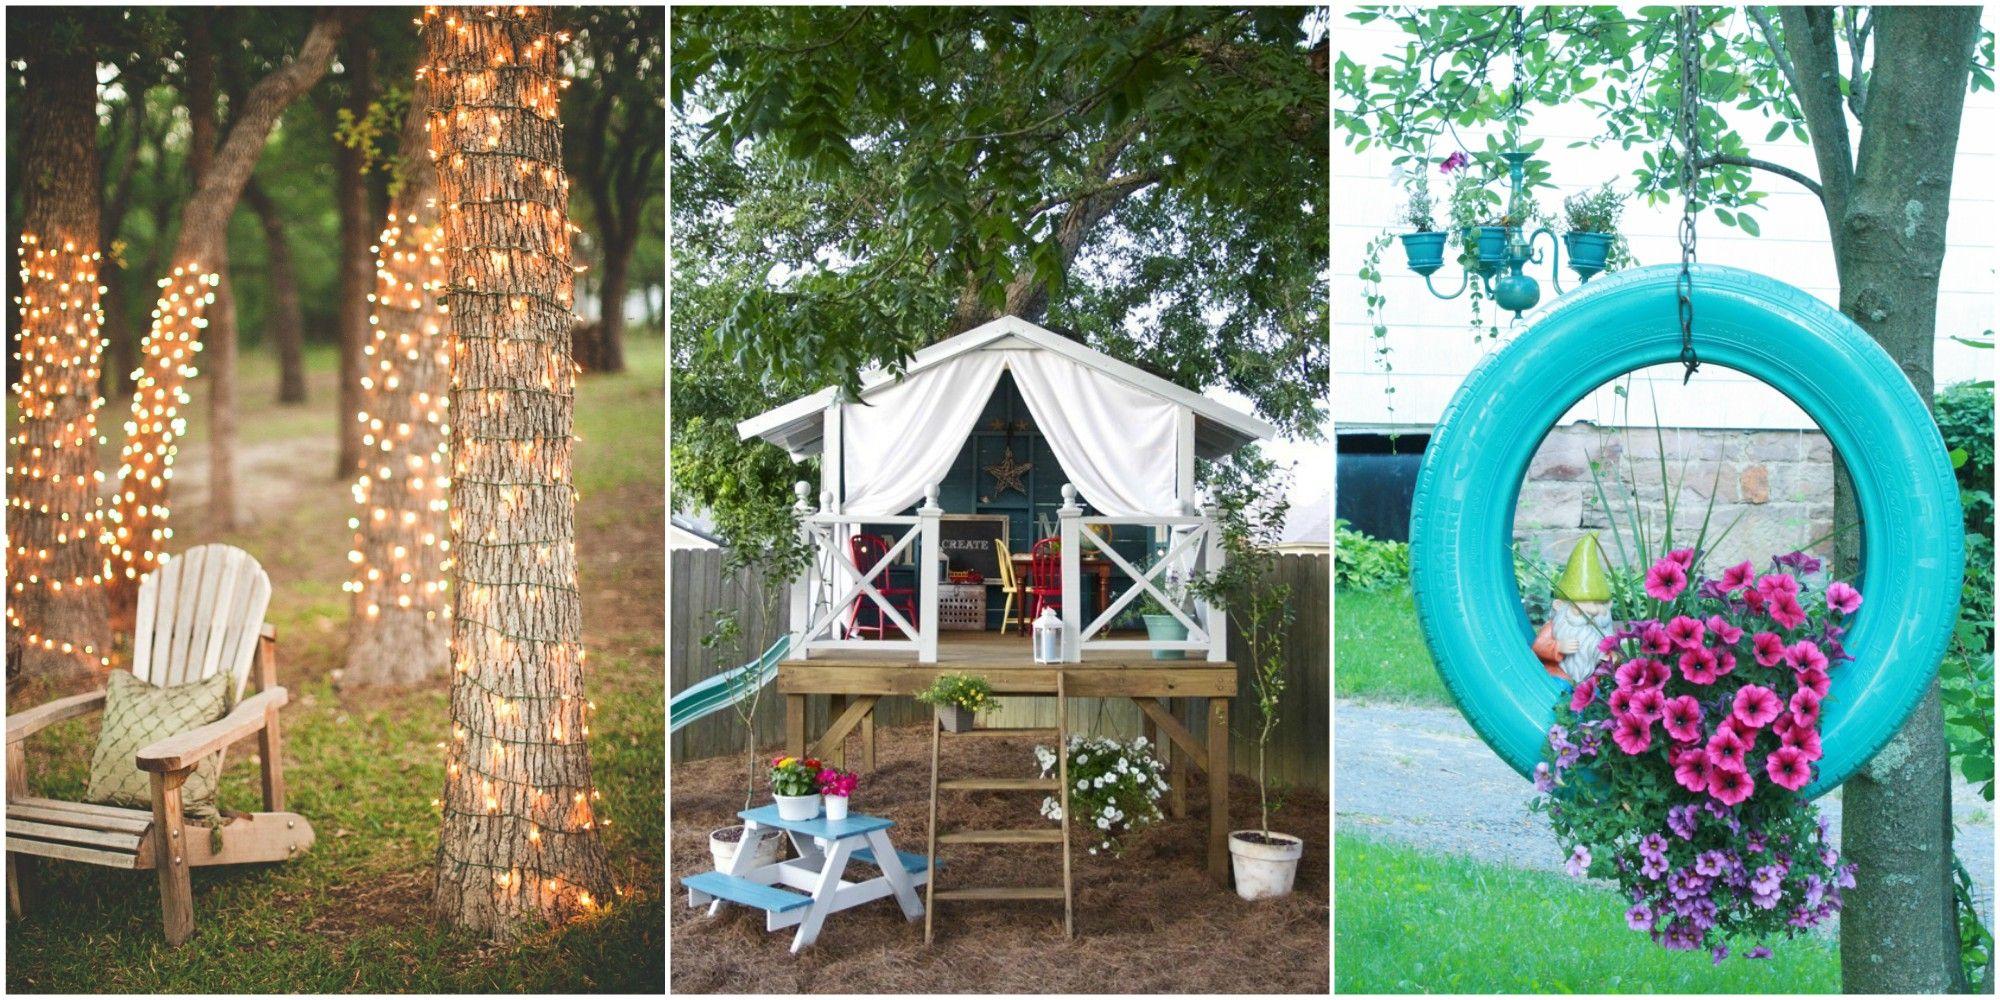 58 DIY Backyard Design Ideas